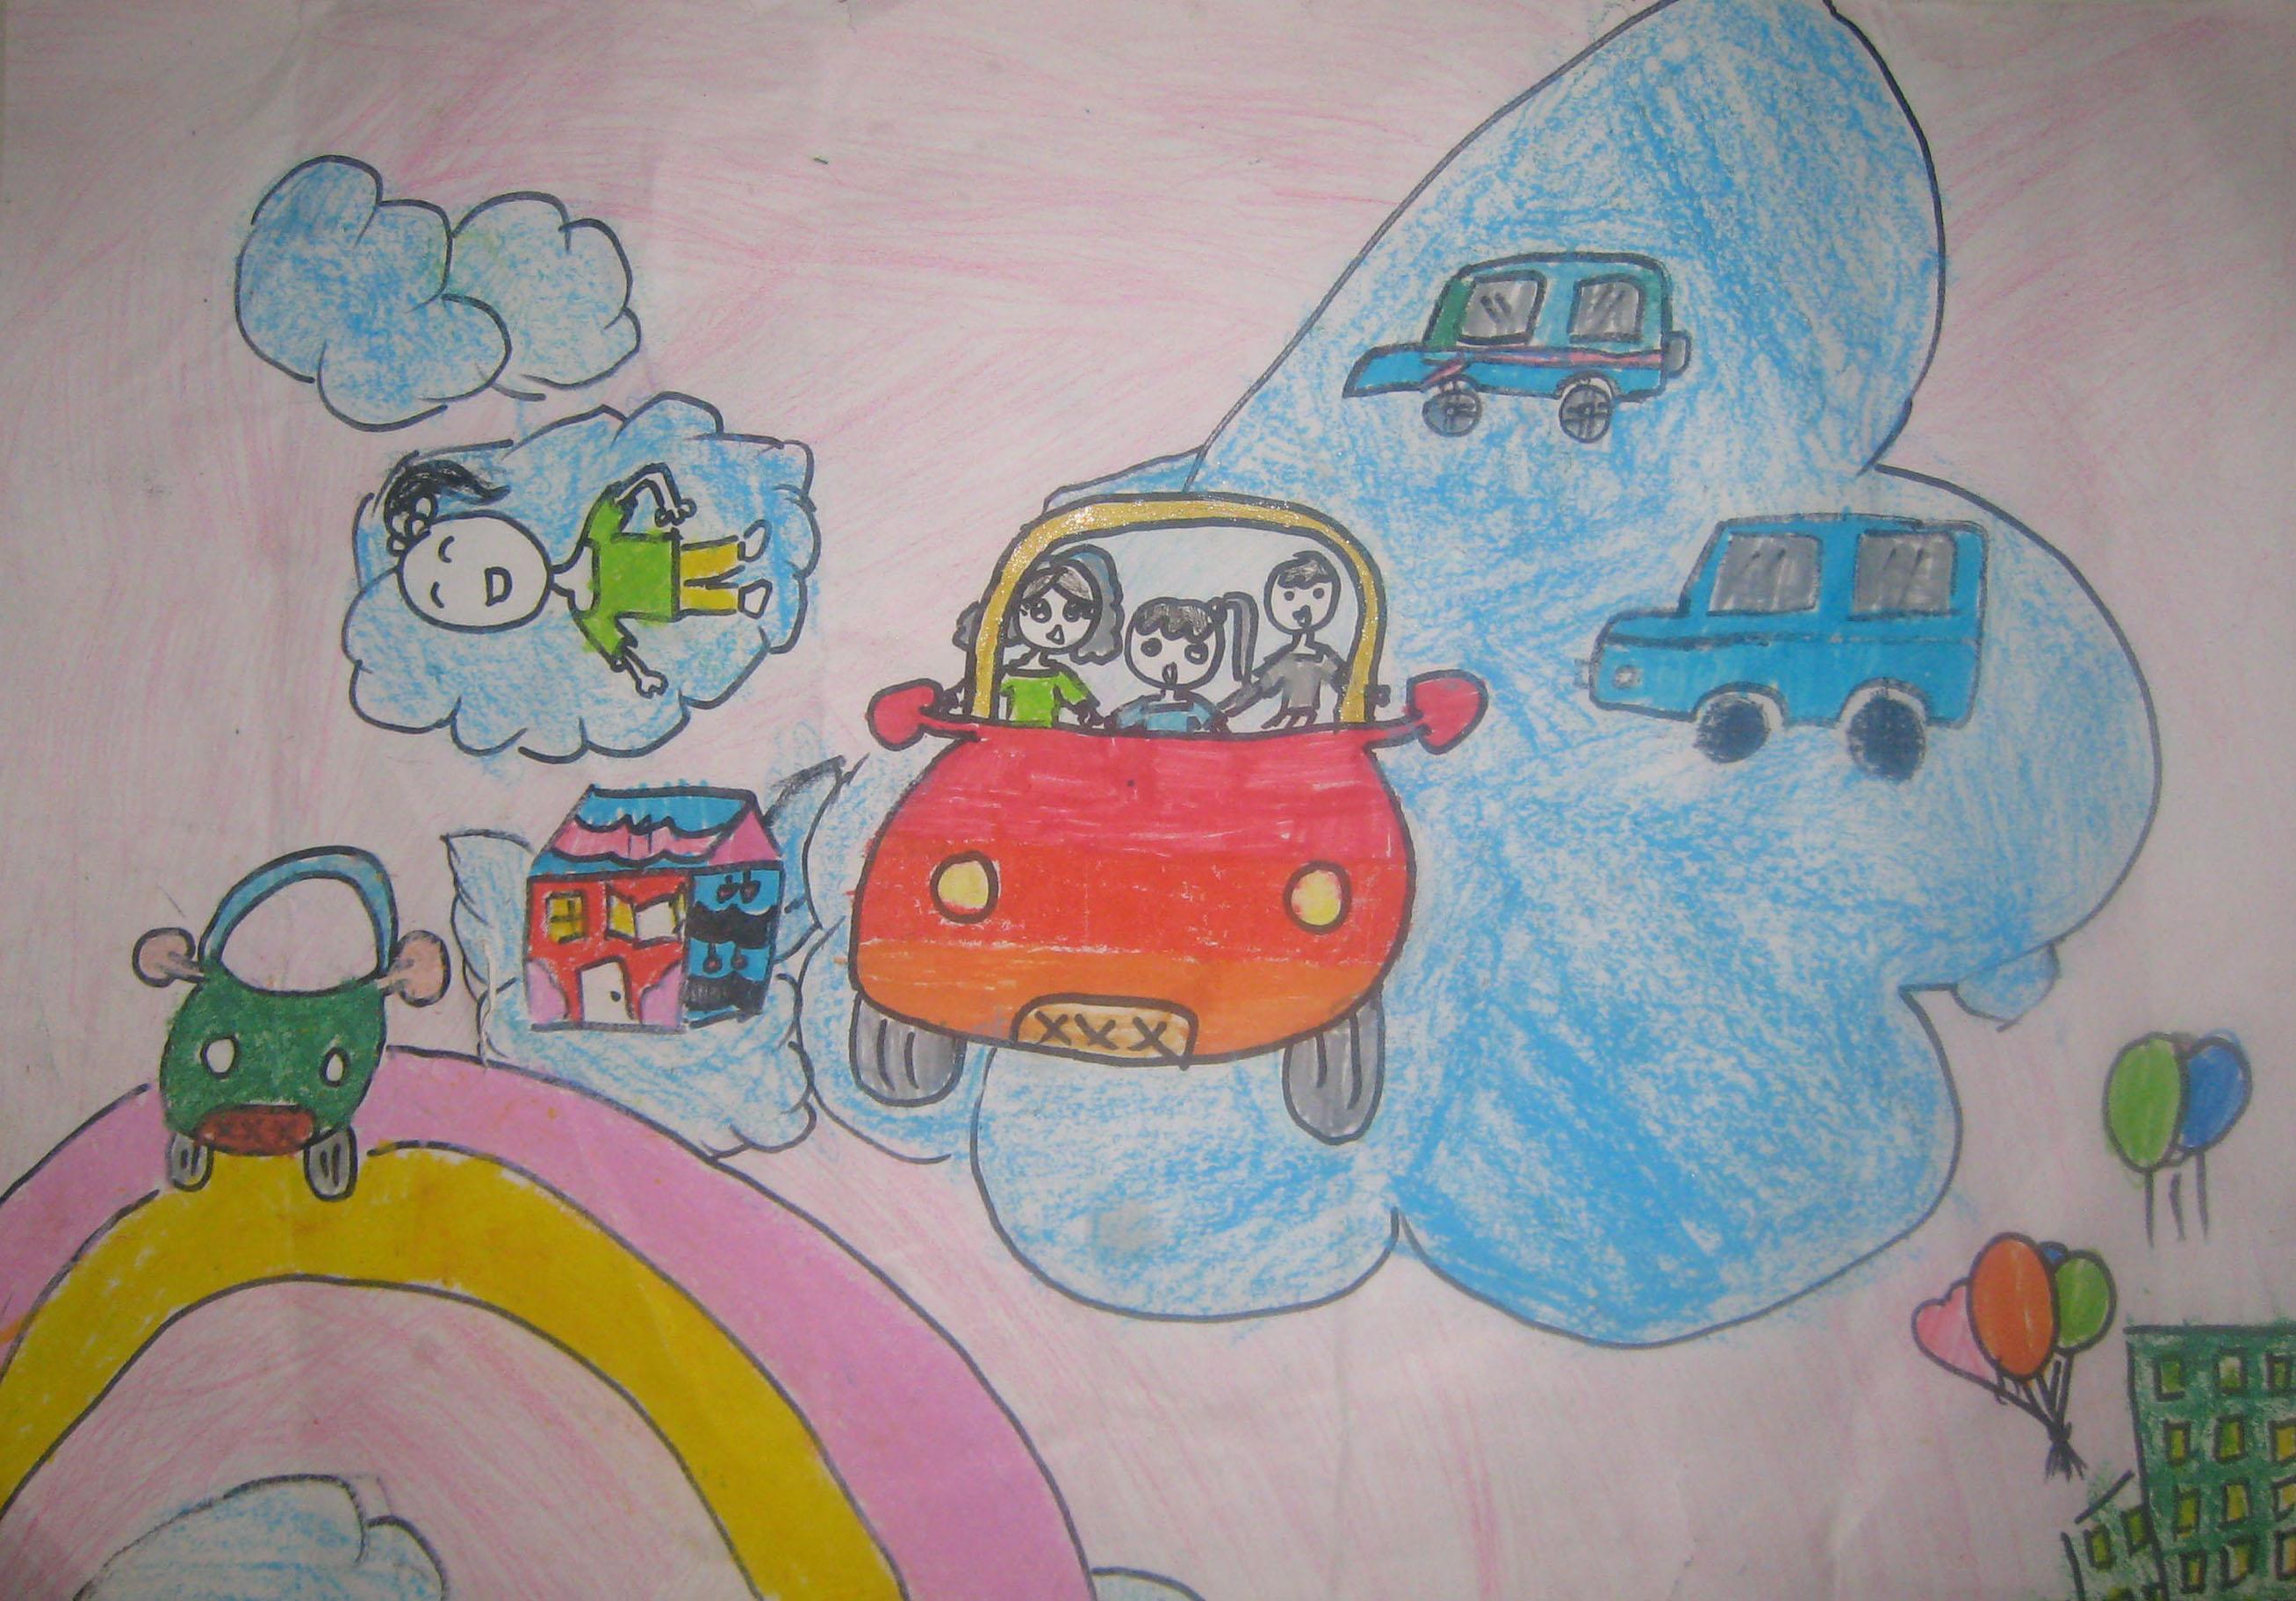 肇庆 我的未来 我的梦 儿童绘画梦活动